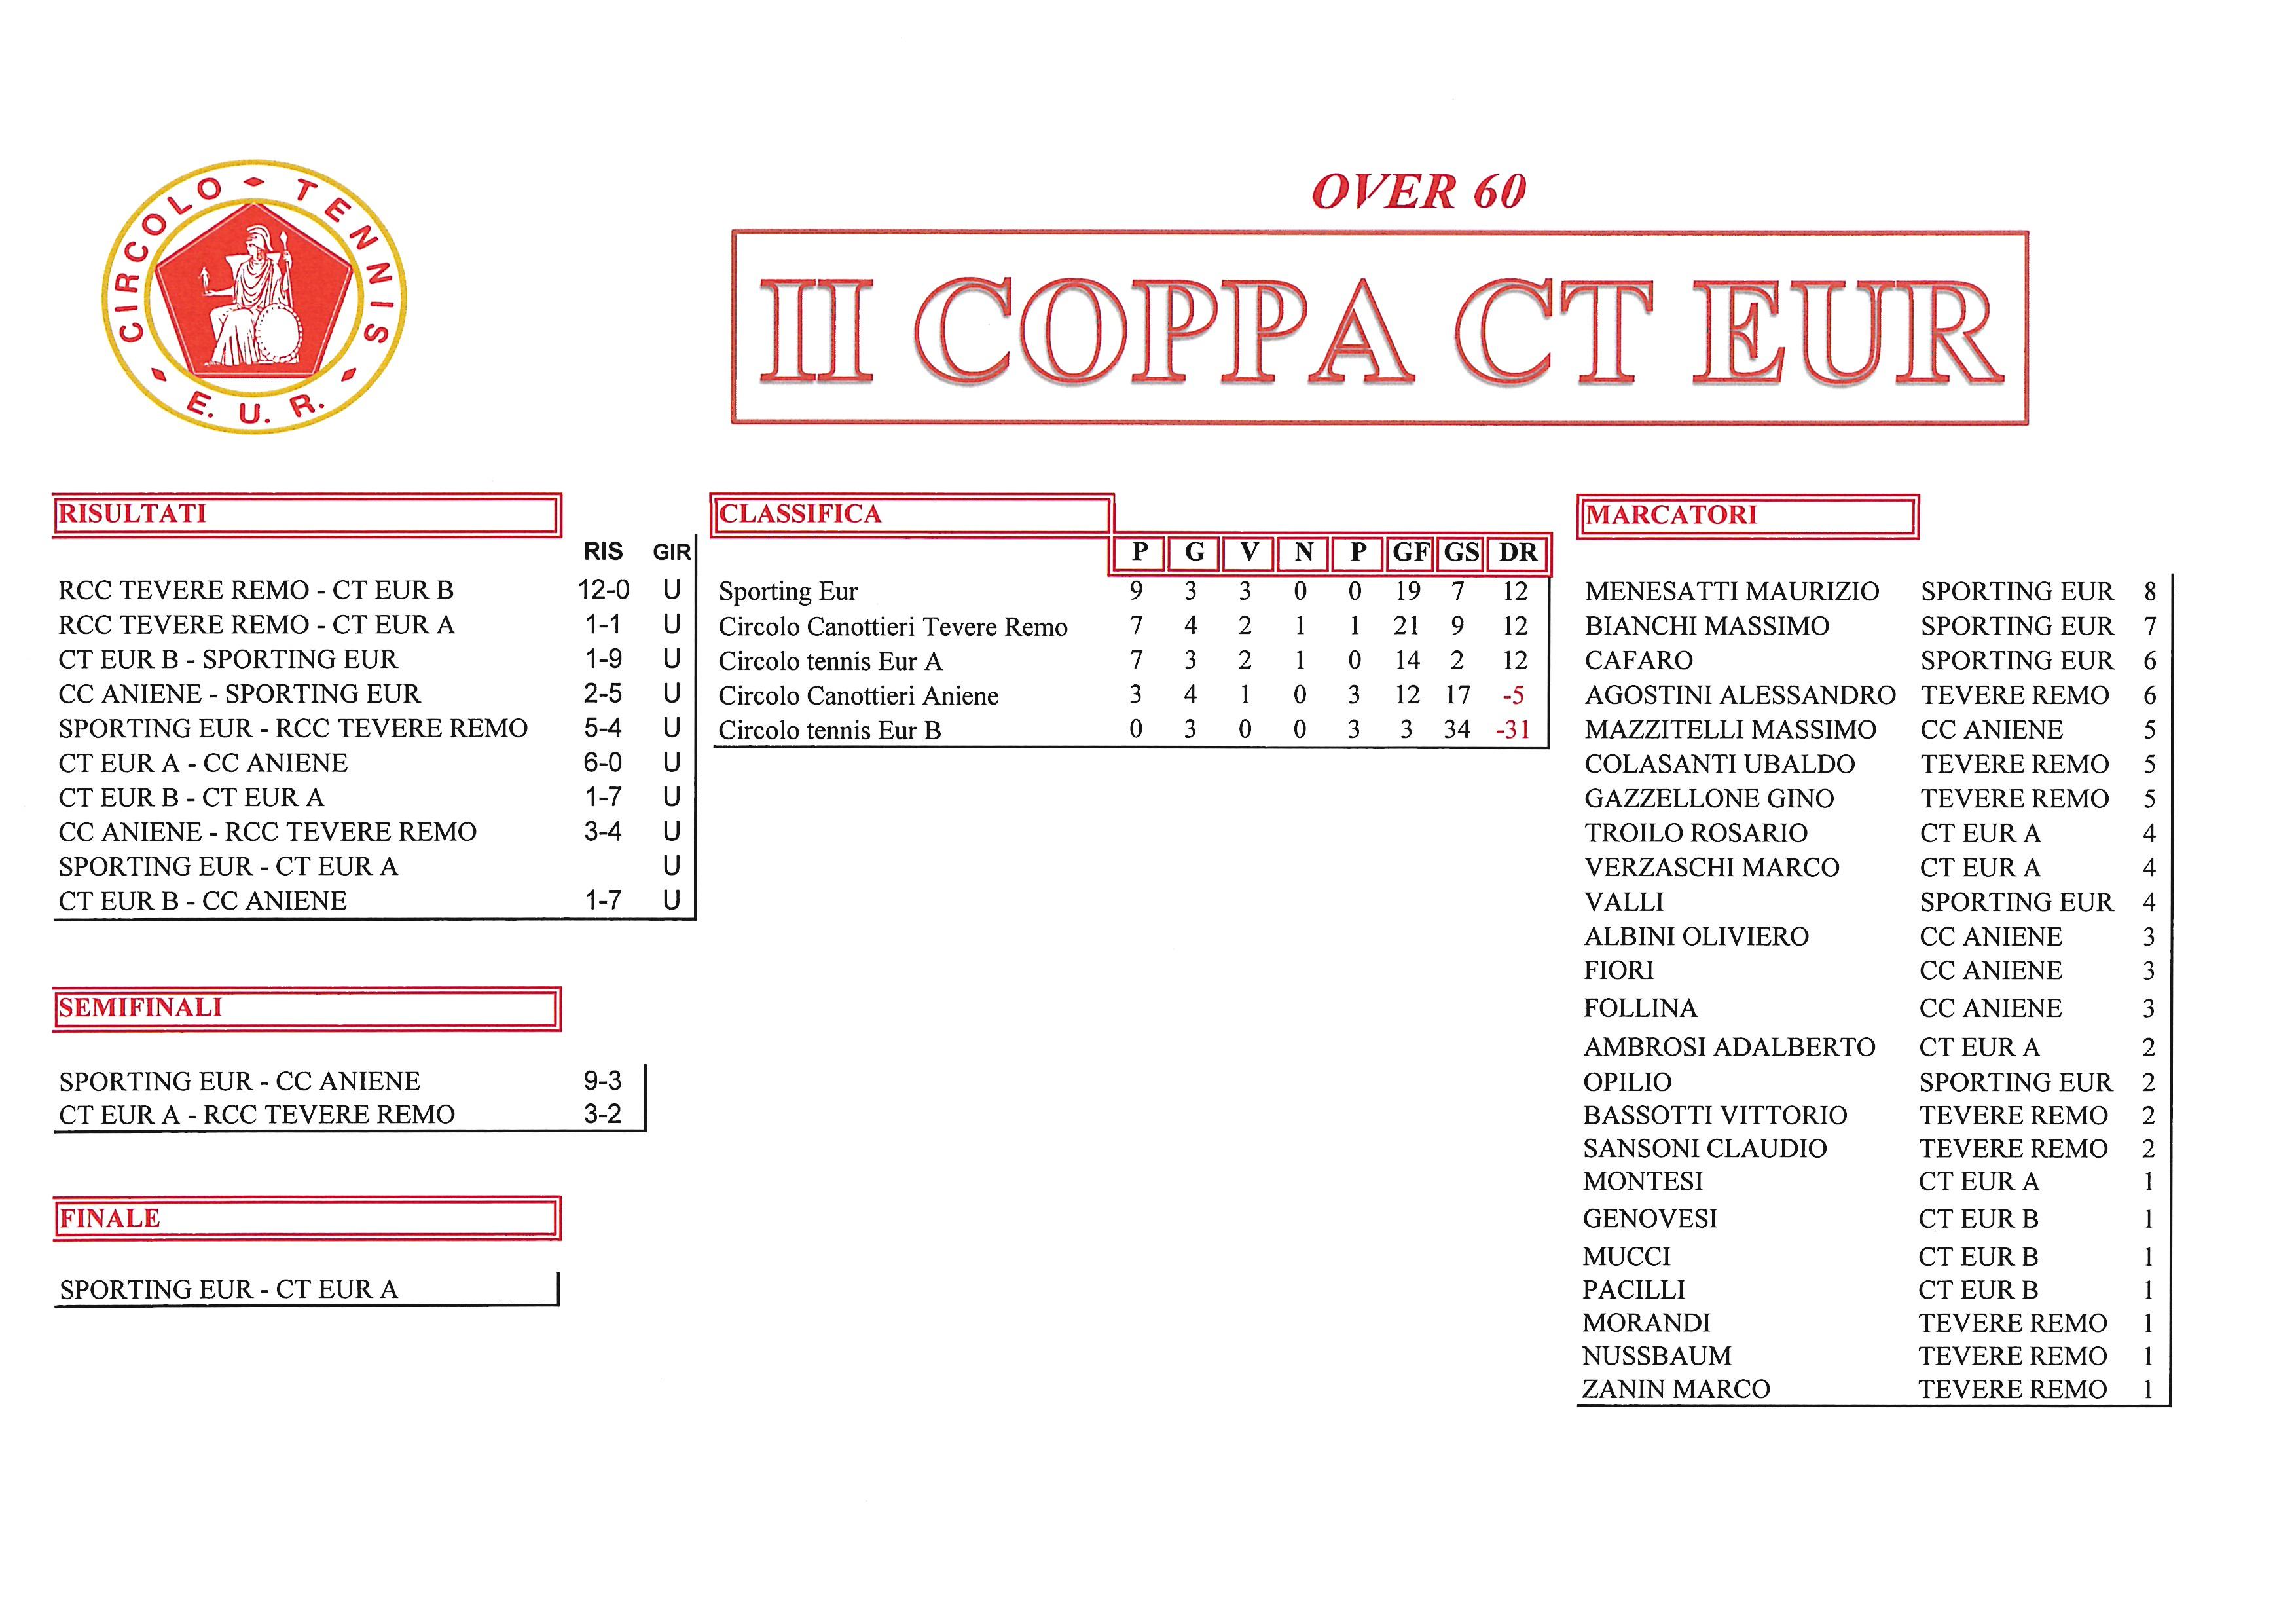 Coppa CT Eur Semifinali Calcio a 5 11 ottobre 2017 Over 60